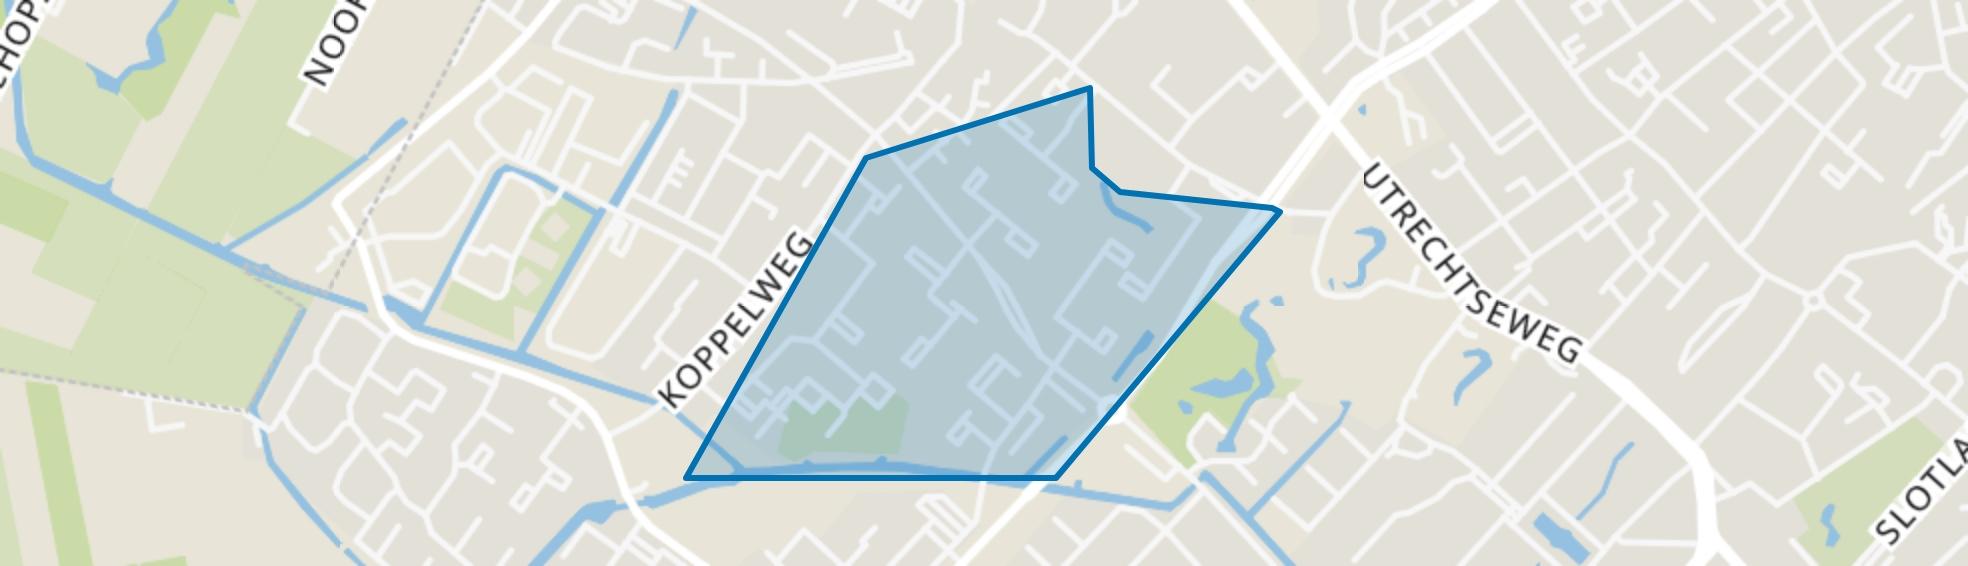 Nijenheim, Zeist map